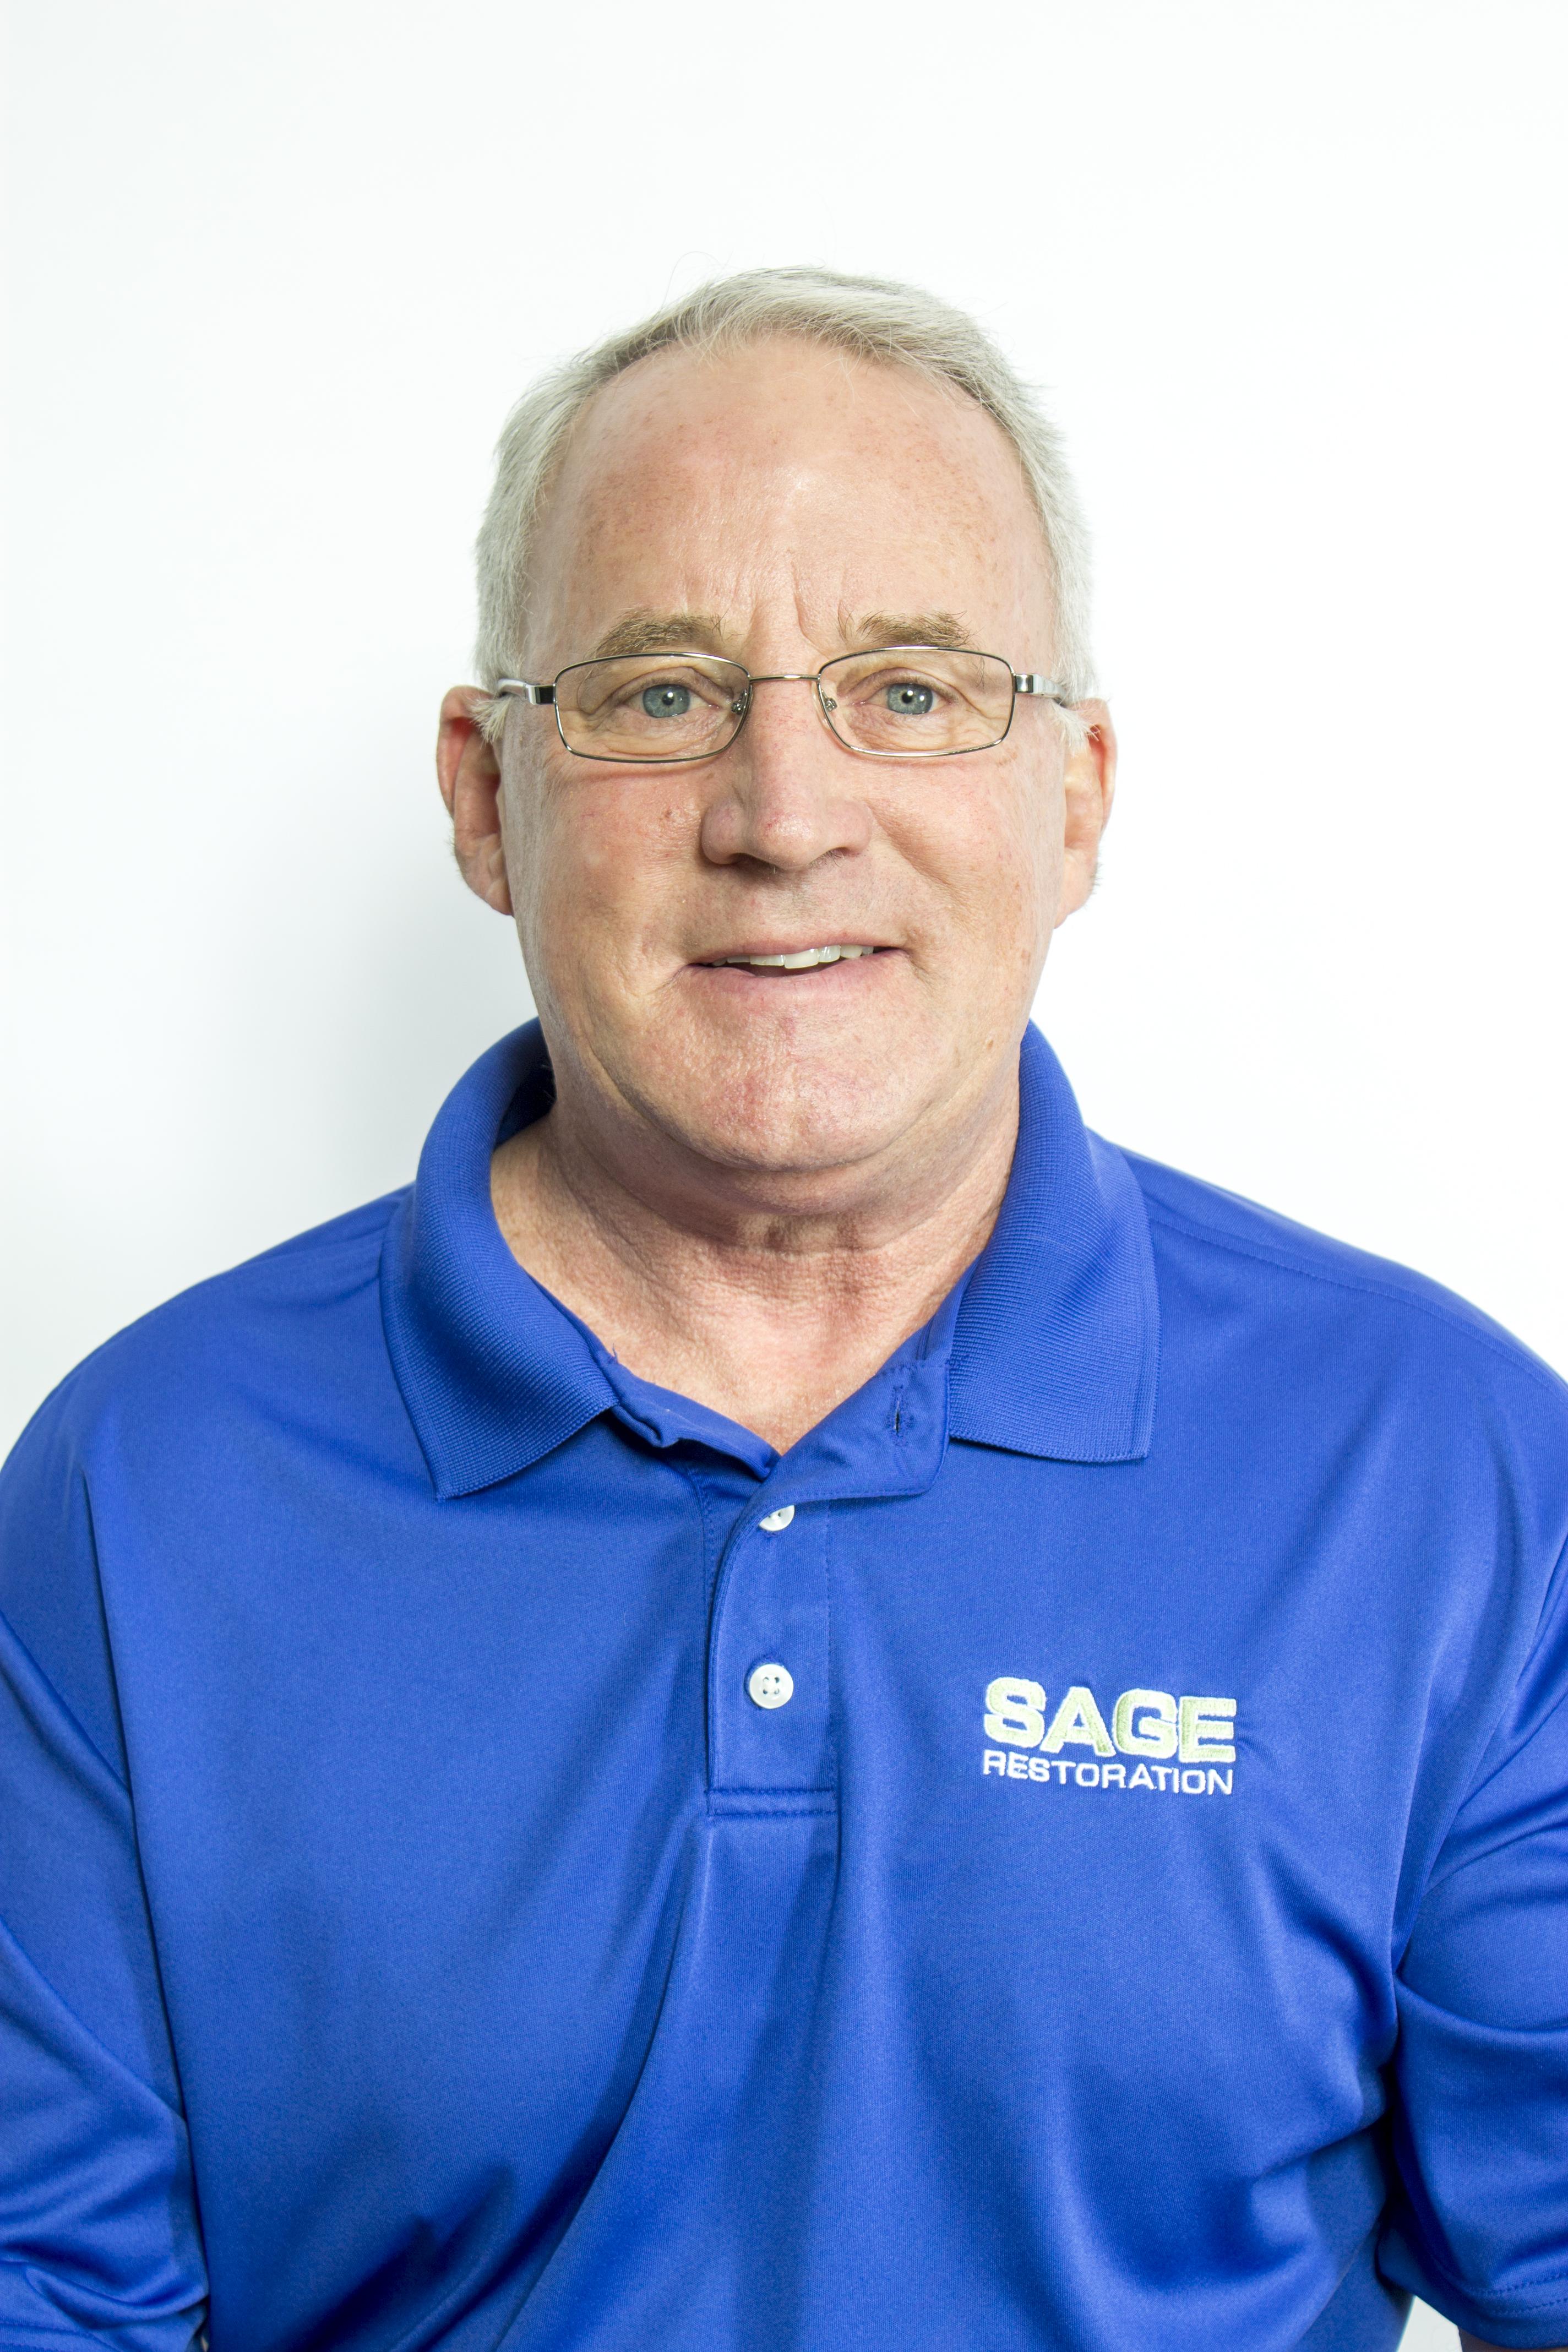 Alan Sage